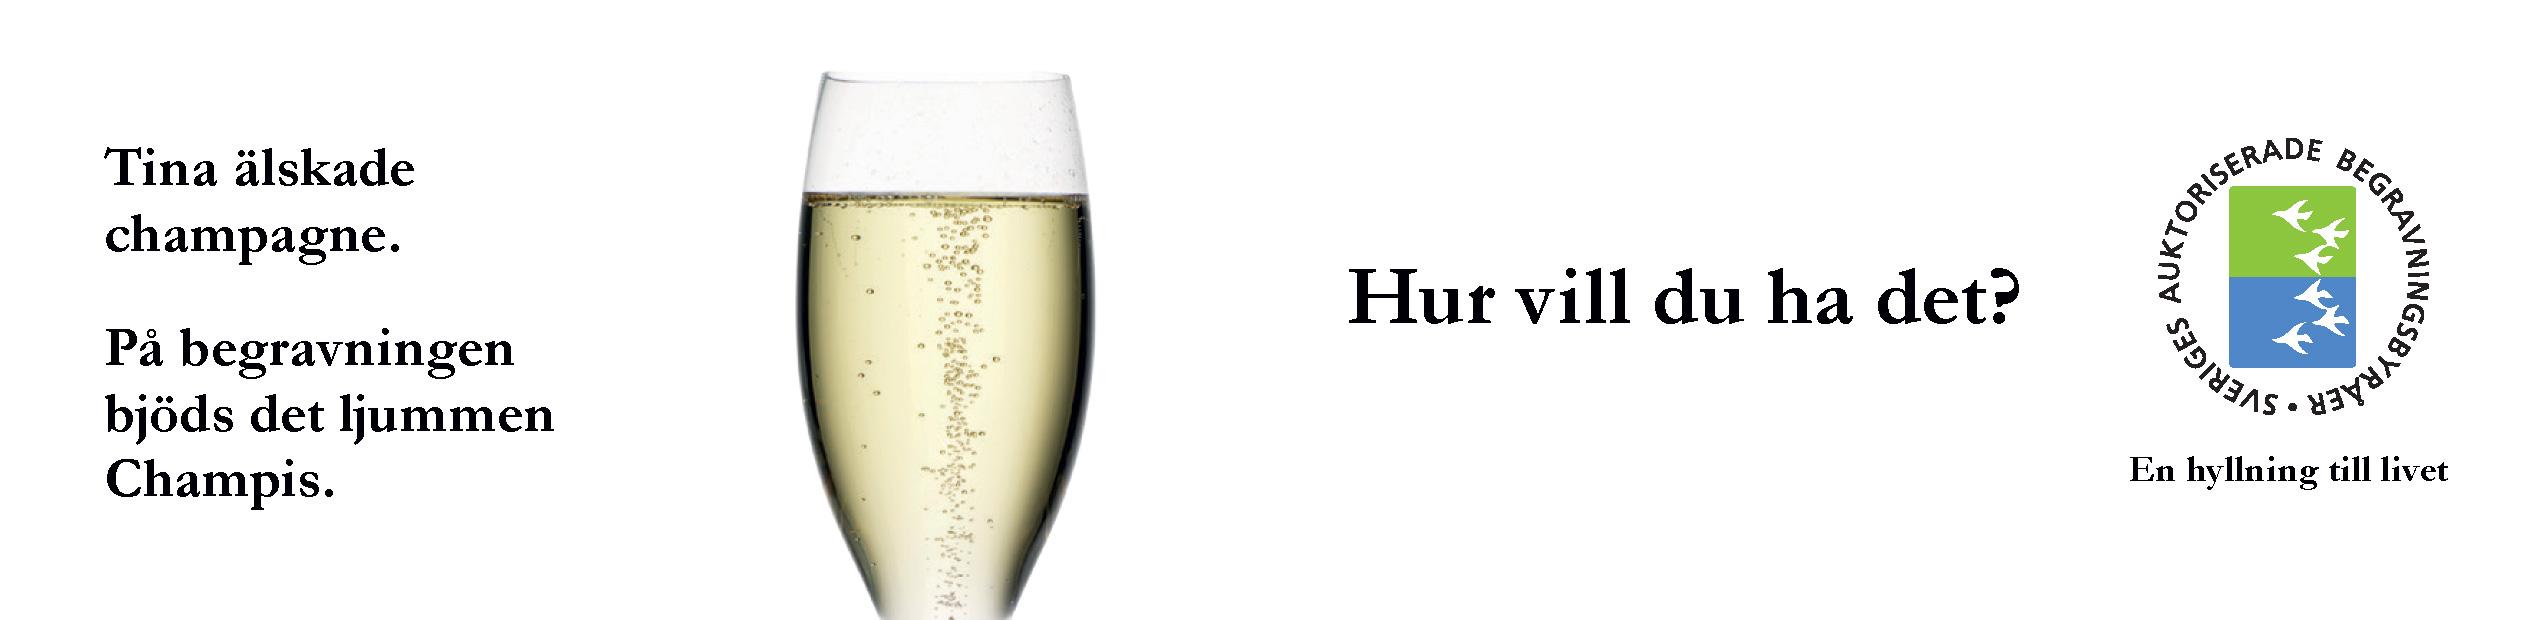 Axelssons Begravningsbyrå Lund - Livsarkivet - En hyllning till livet - Tina